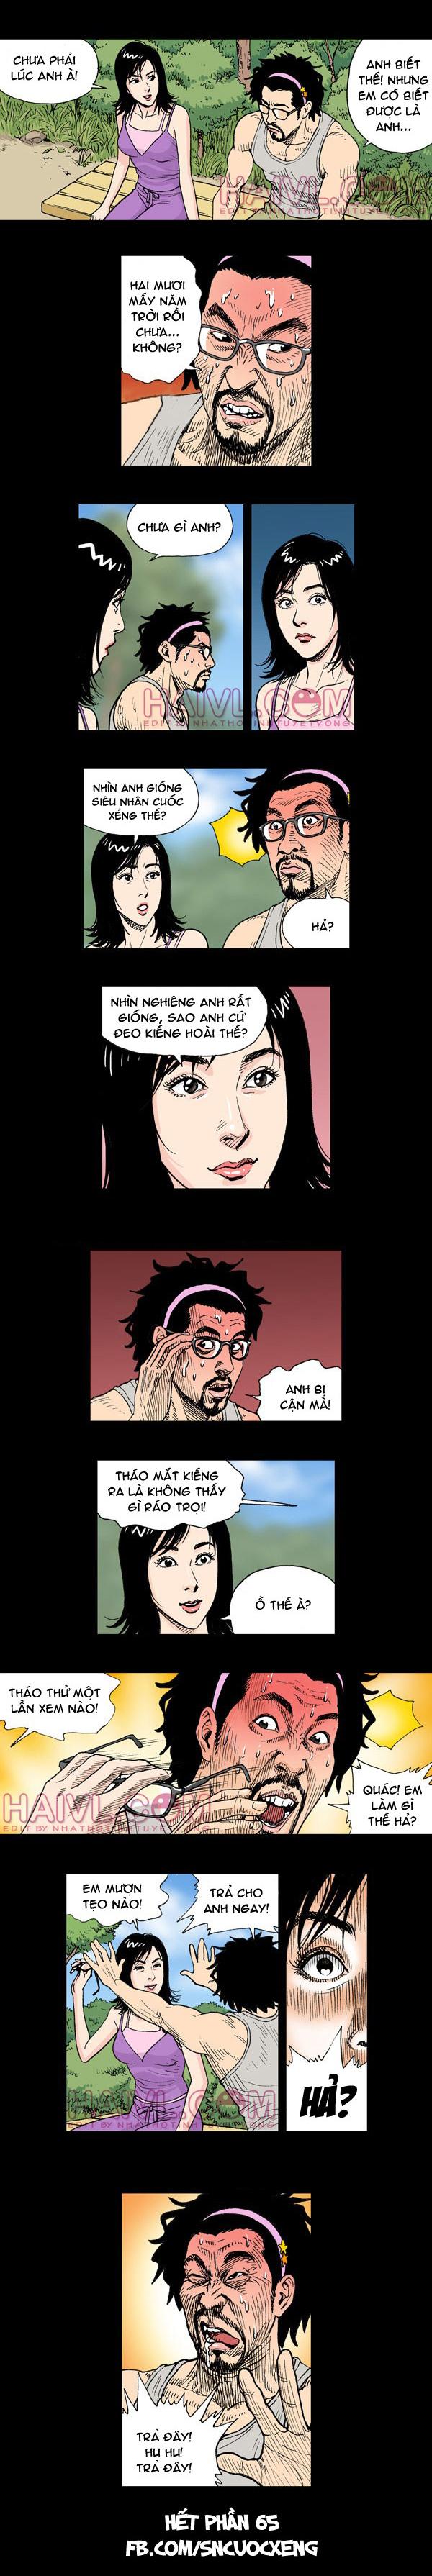 Siêu nhân Cuốc Xẻng (full bộ) phần 65